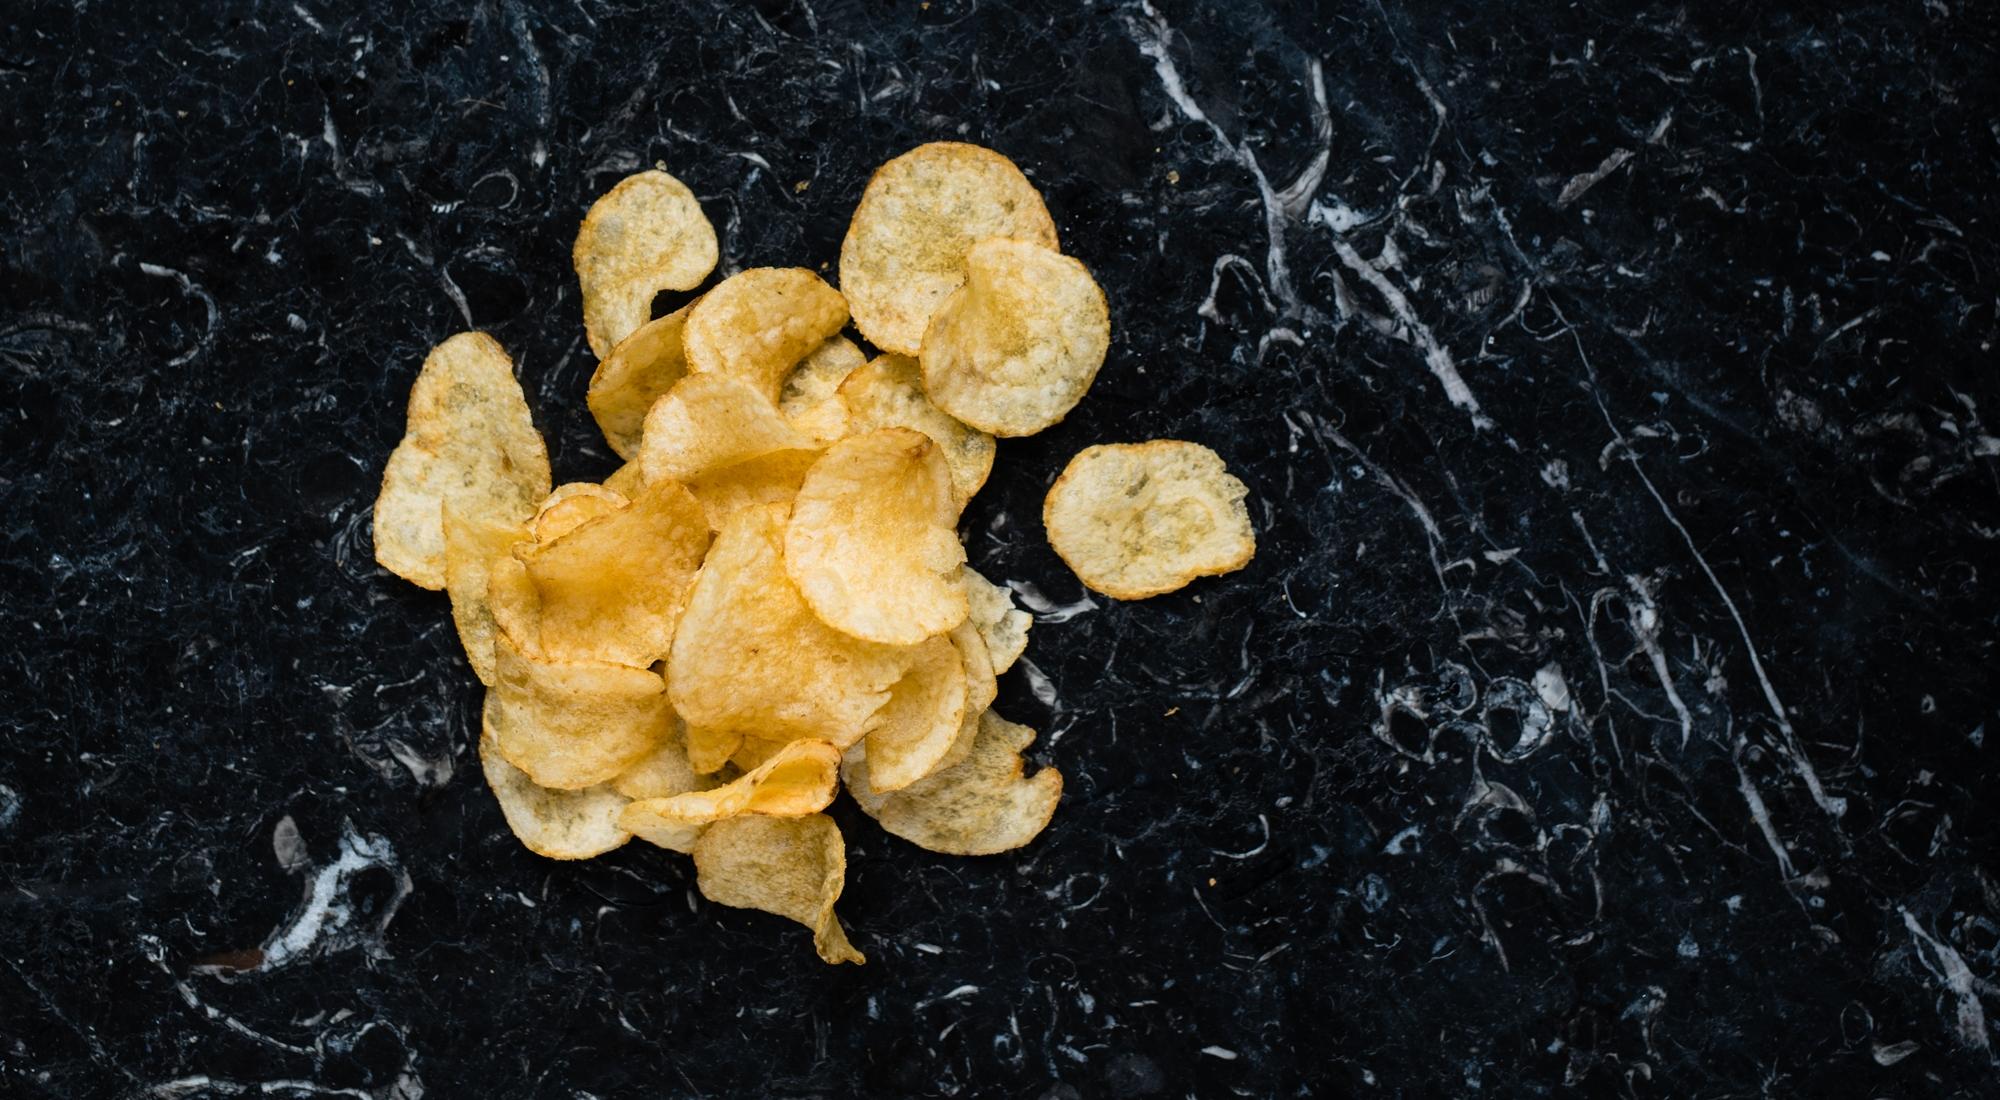 Chips - Zapp's Voodoo Cajun and Original -$1.95